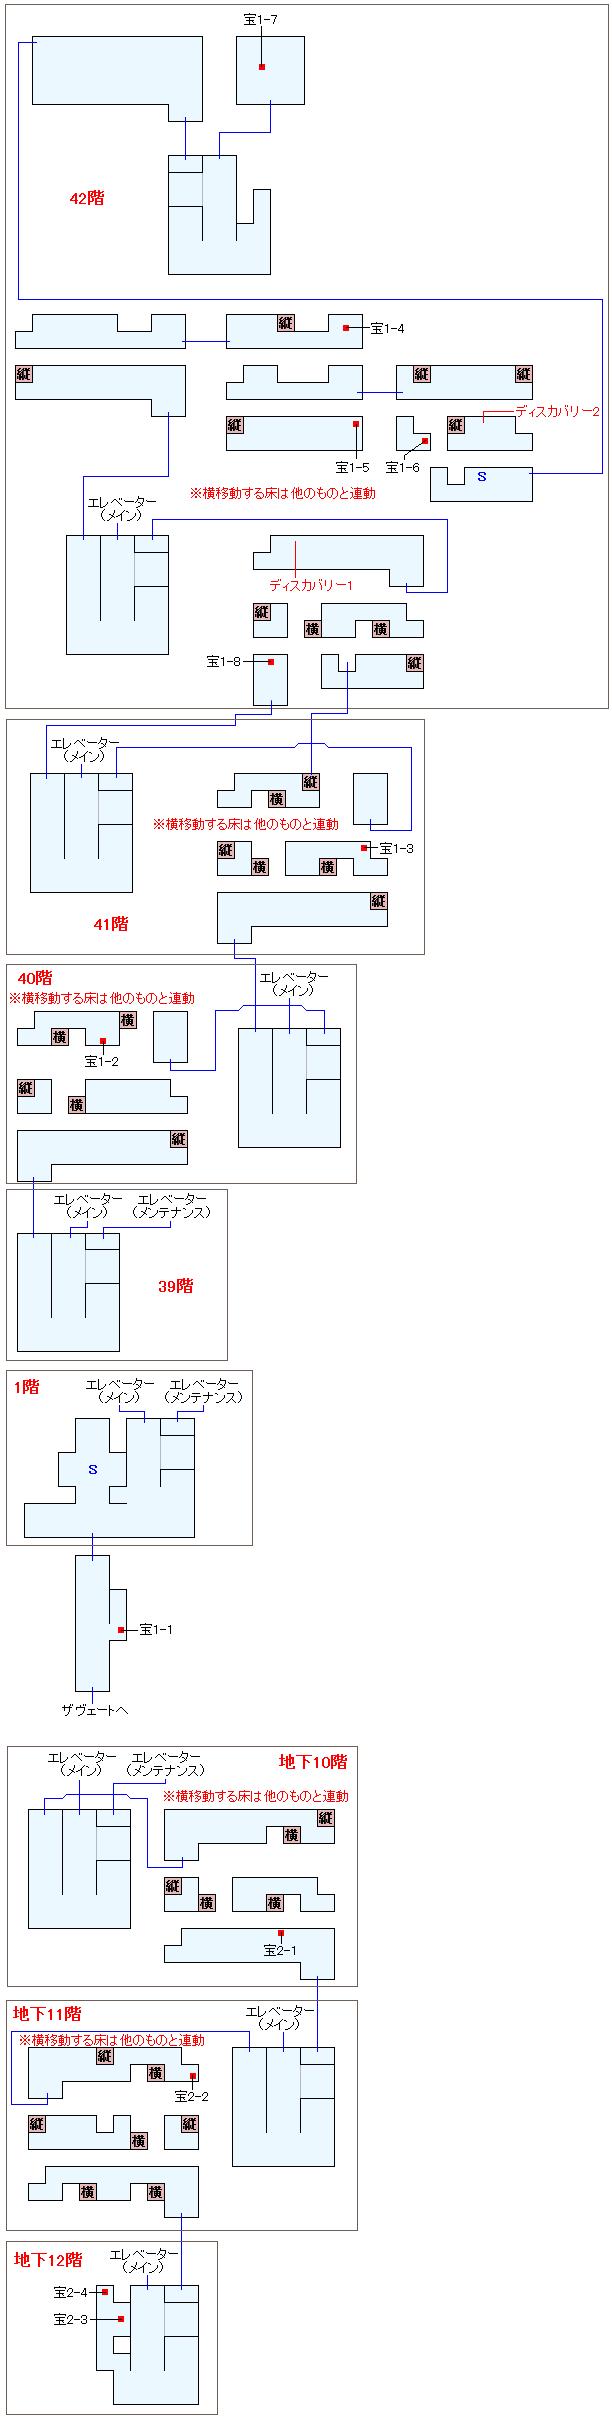 フェンデル政府塔マップ